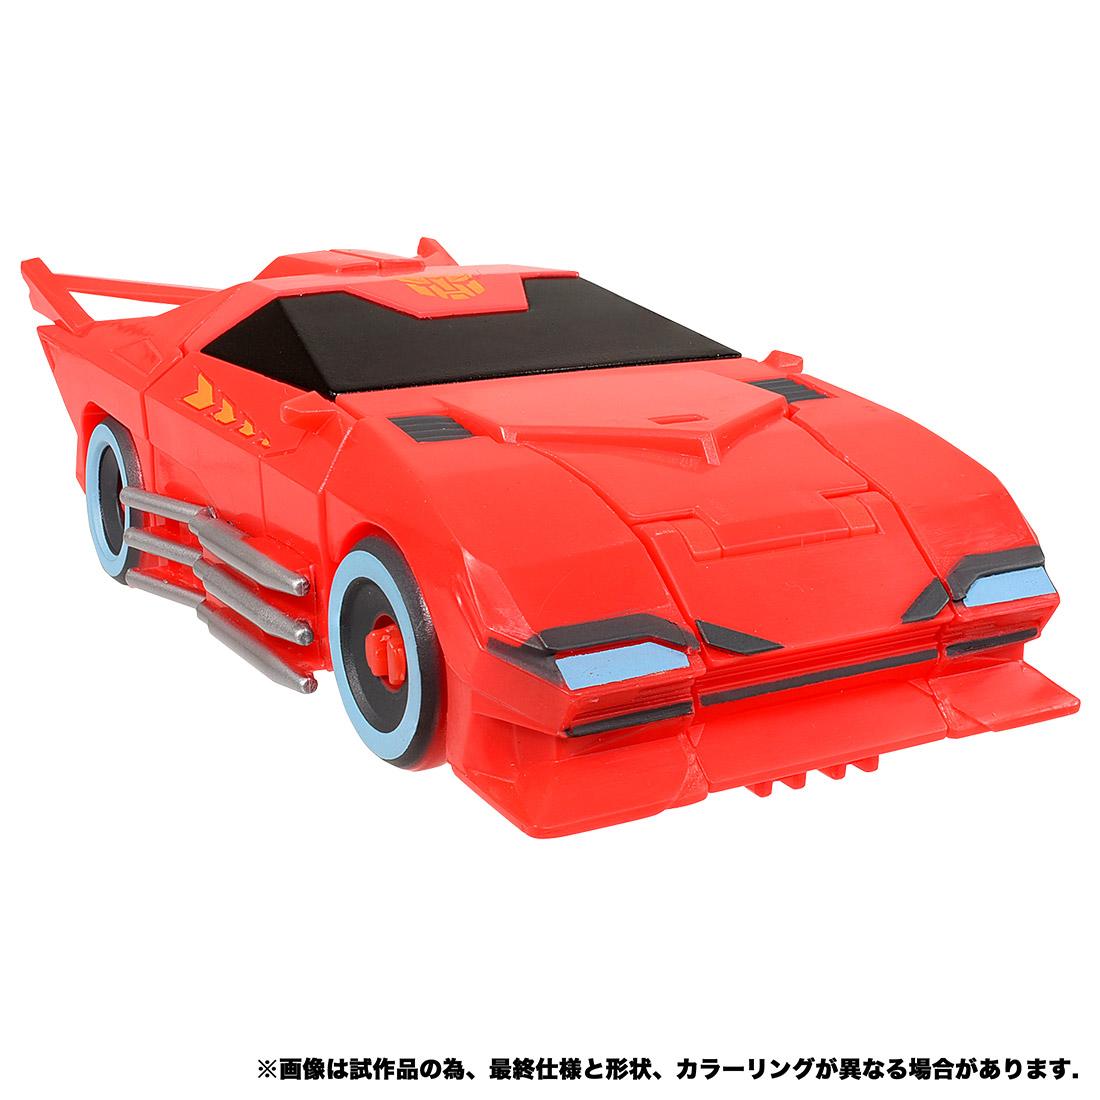 【限定販売】サイバーバース アクションマスター04『バンブルビー』トランスフォーマー 可変可動フィギュア-008